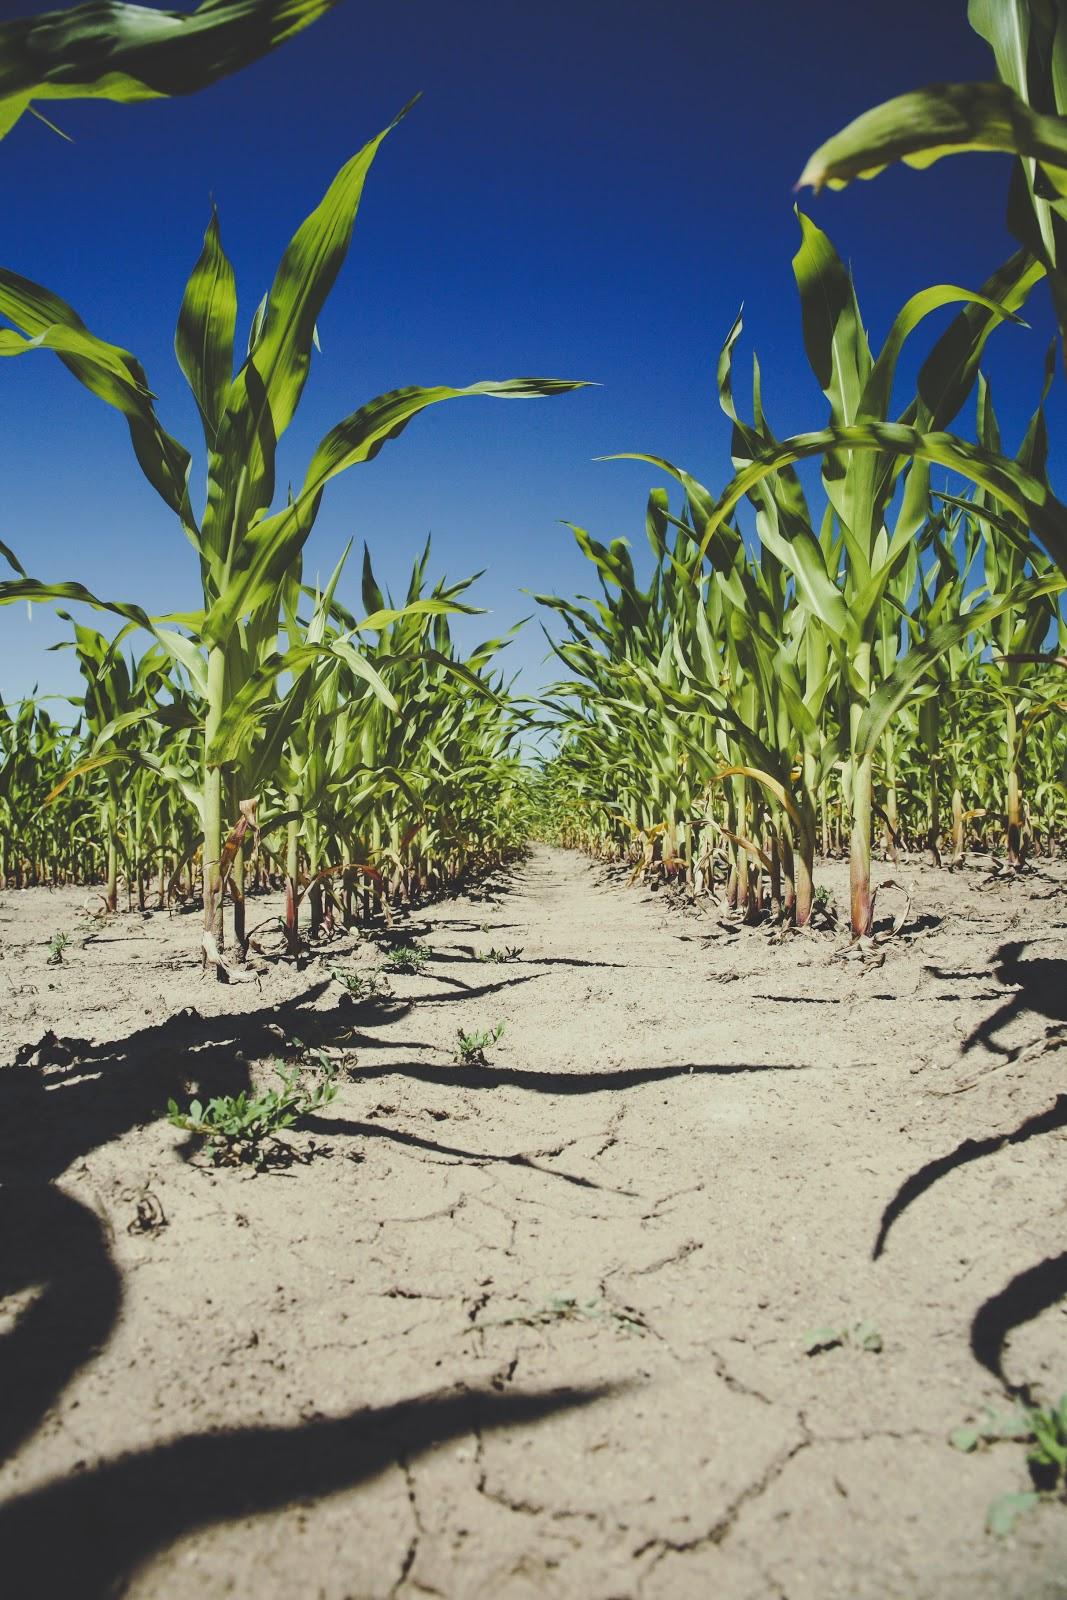 corn-farm-field-101977.jpg